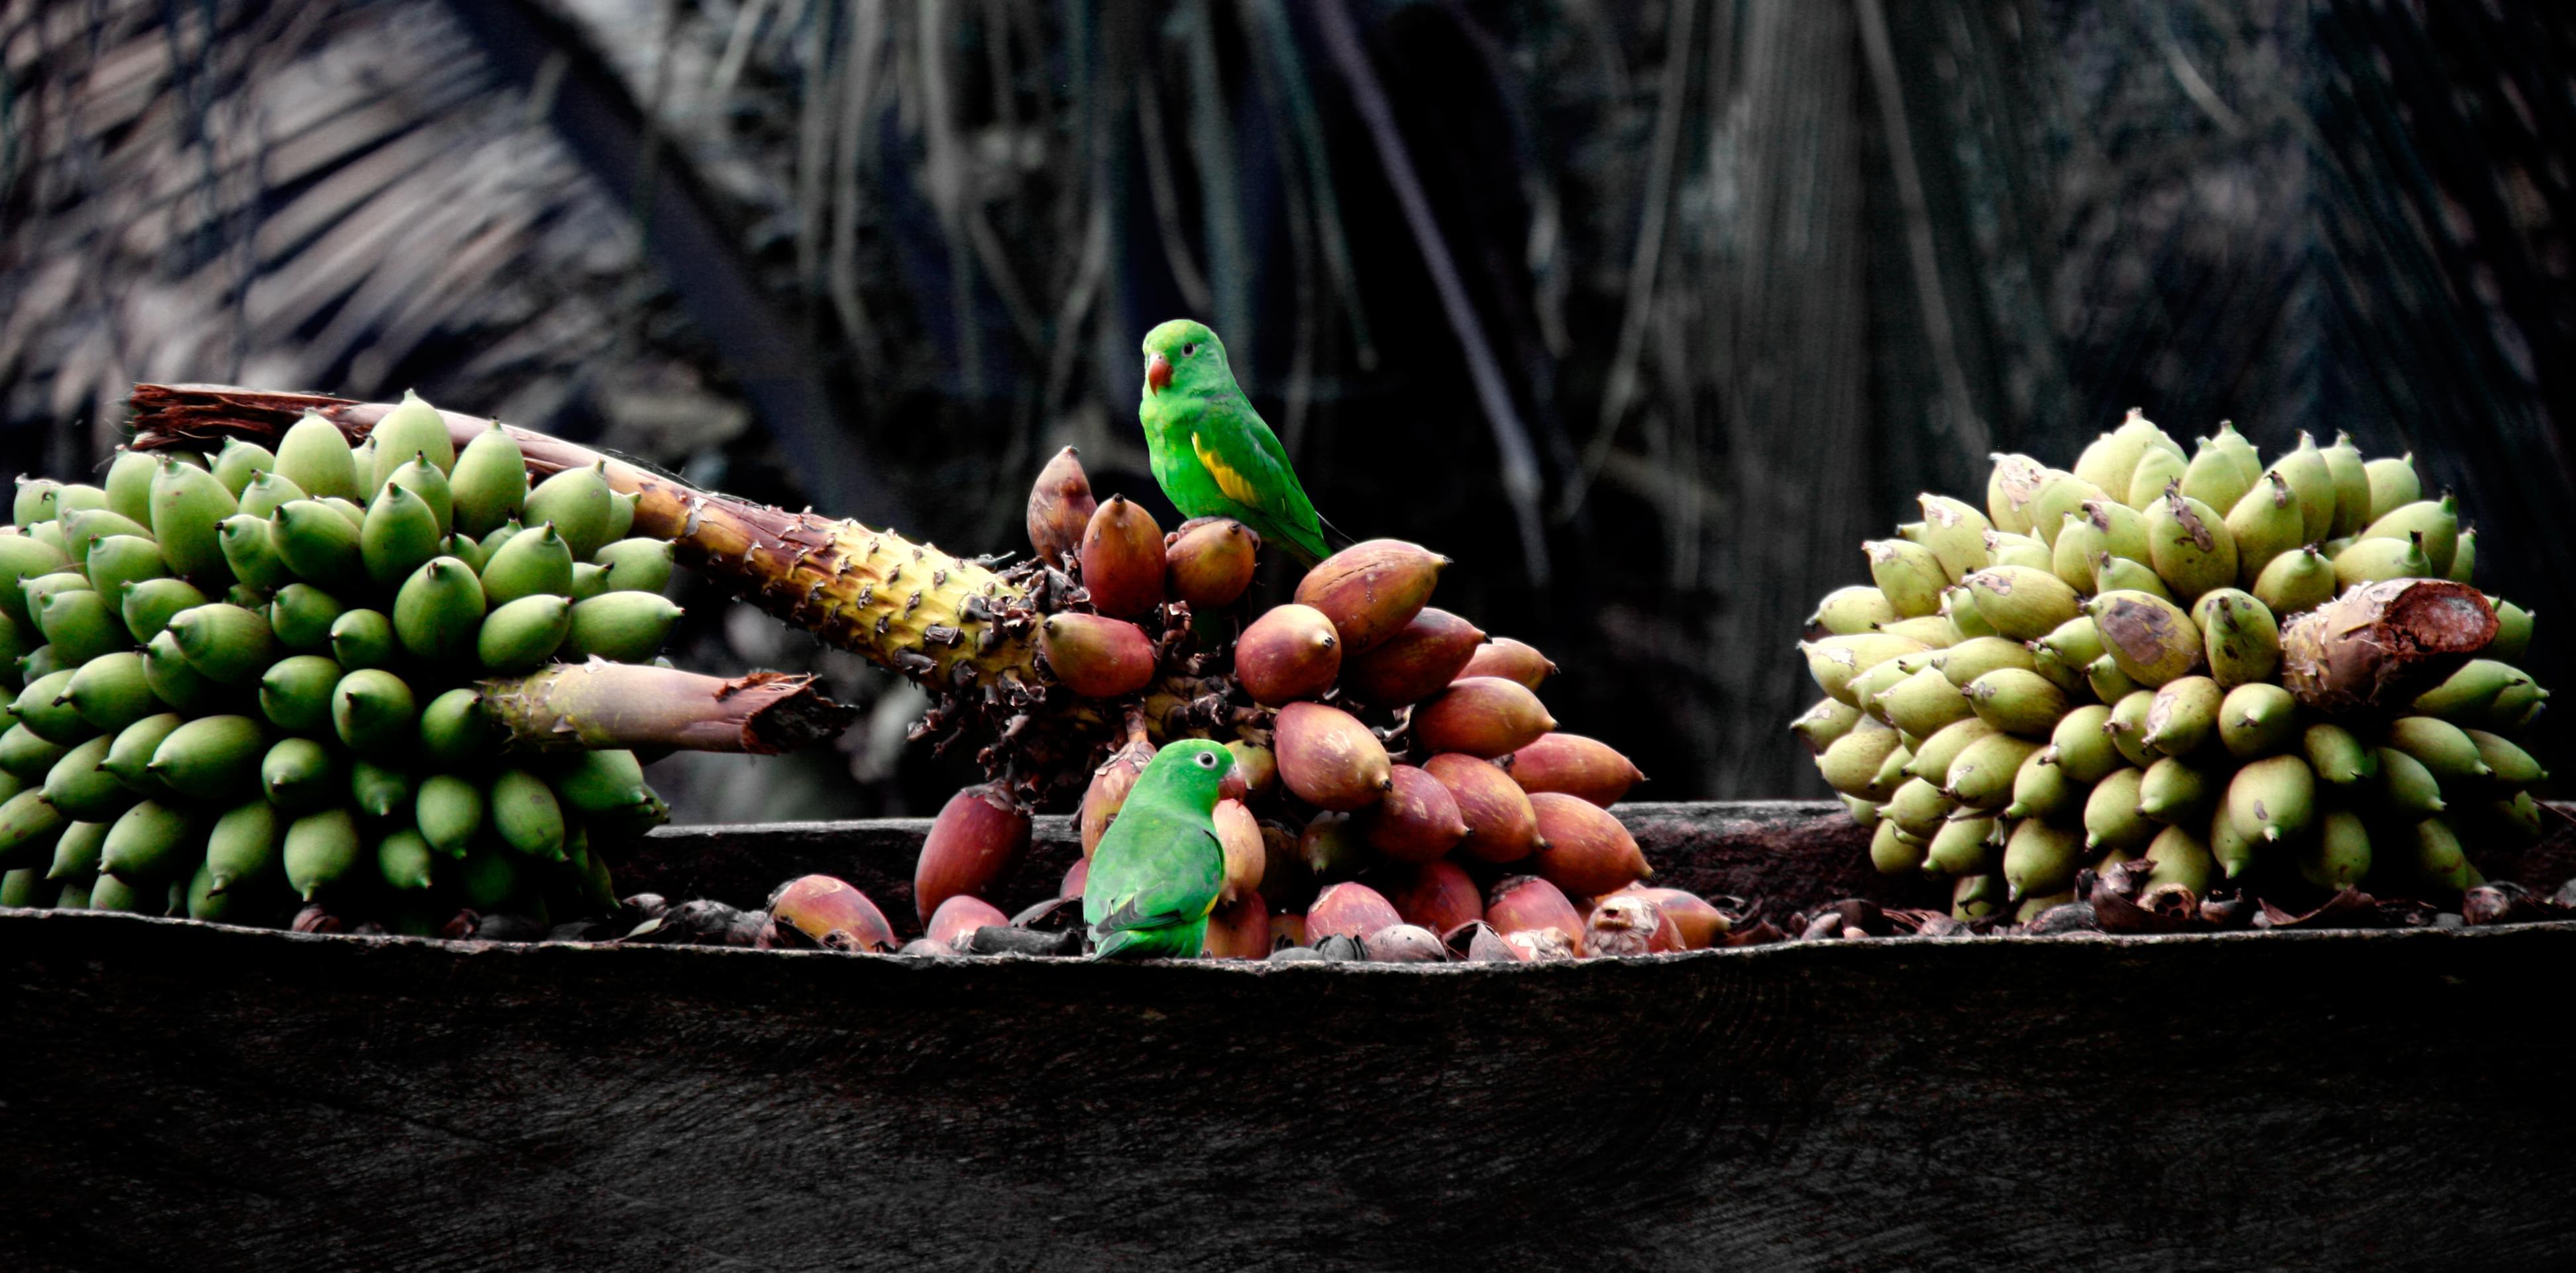 banana republic mexico tienda online